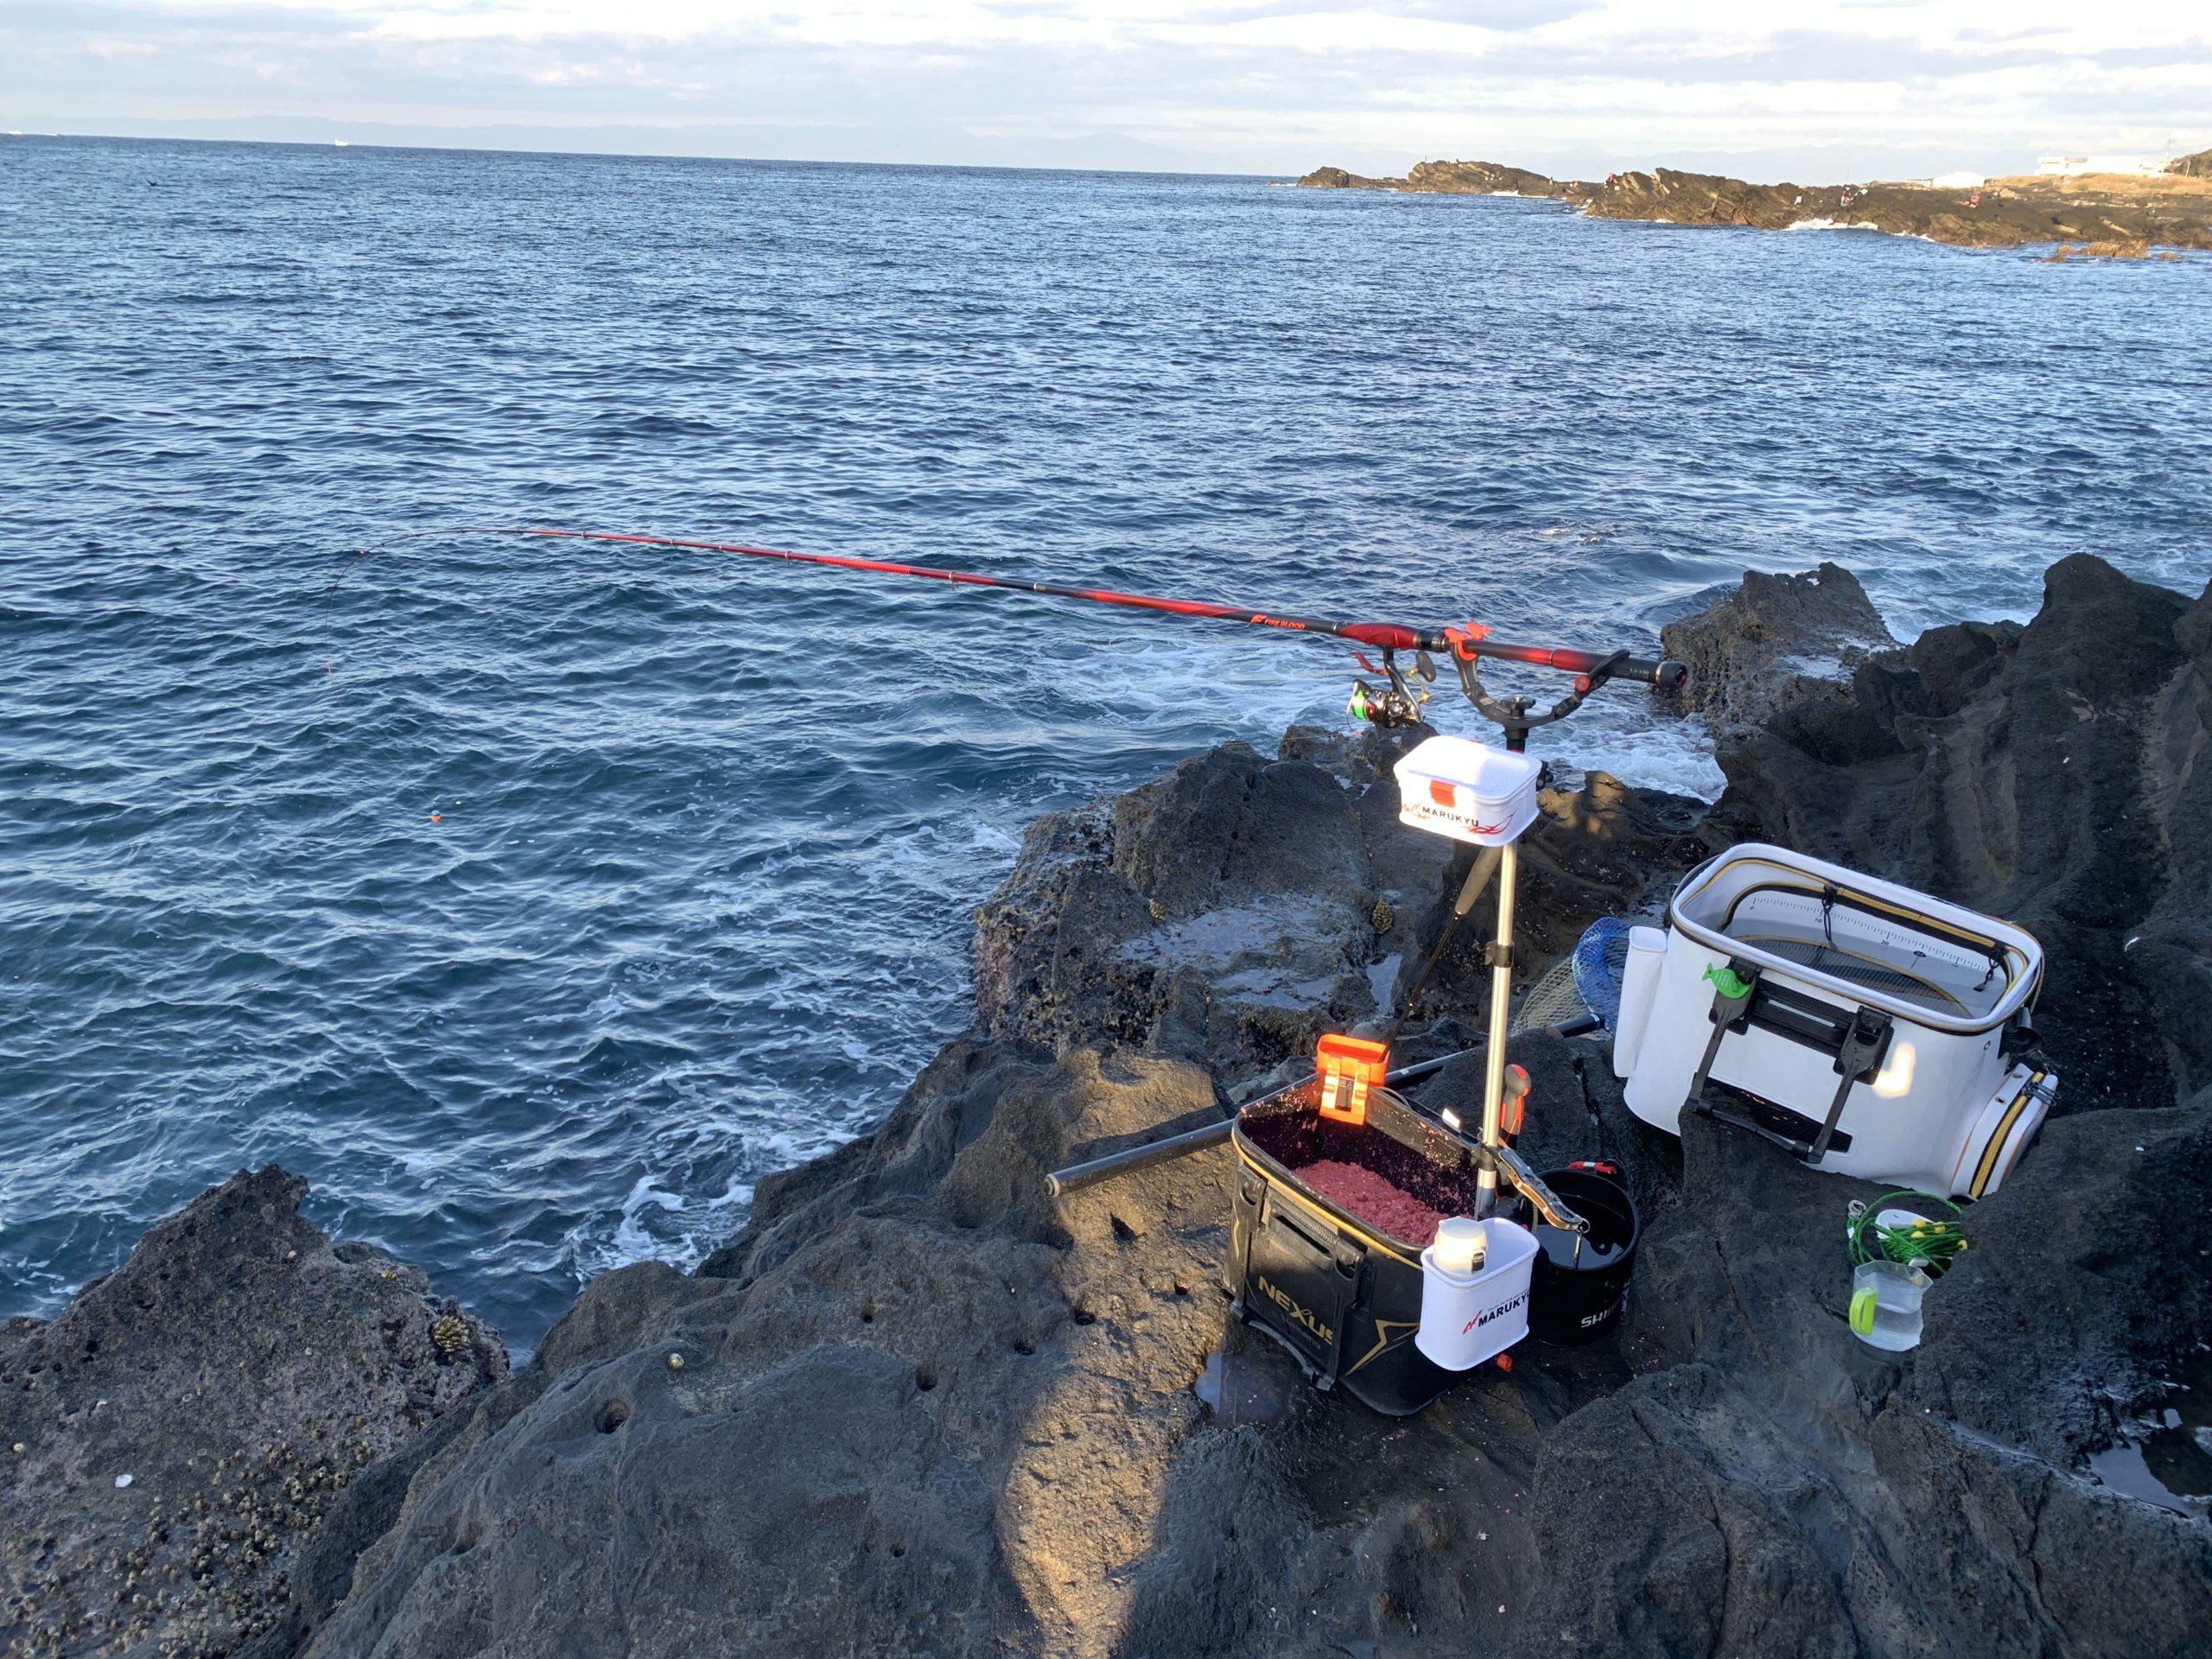 千鳥島 ウキフカセ釣り